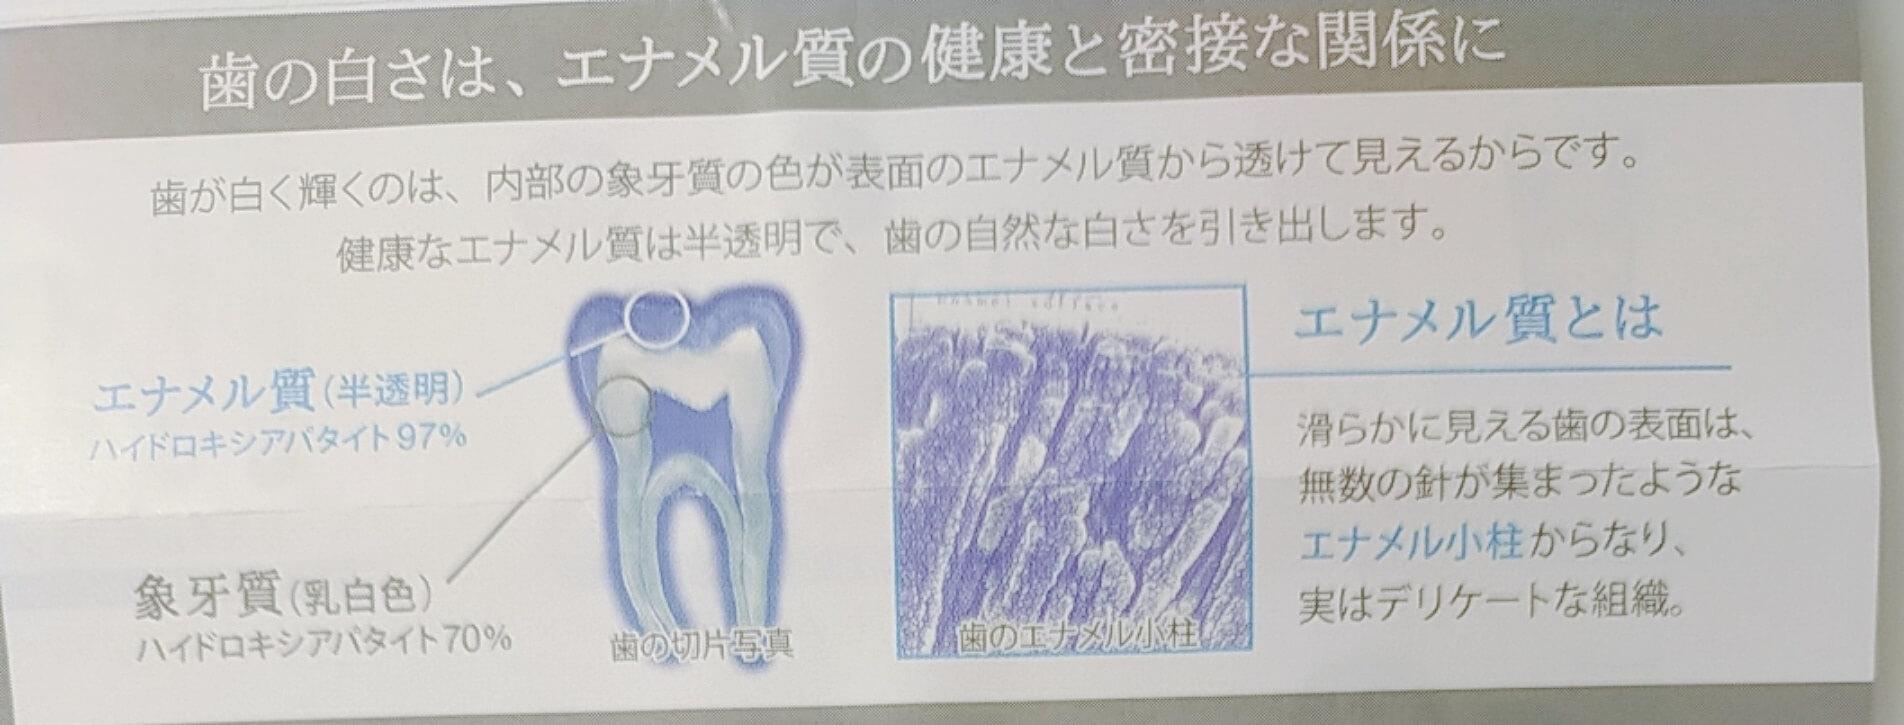 歯のエナメル質説明